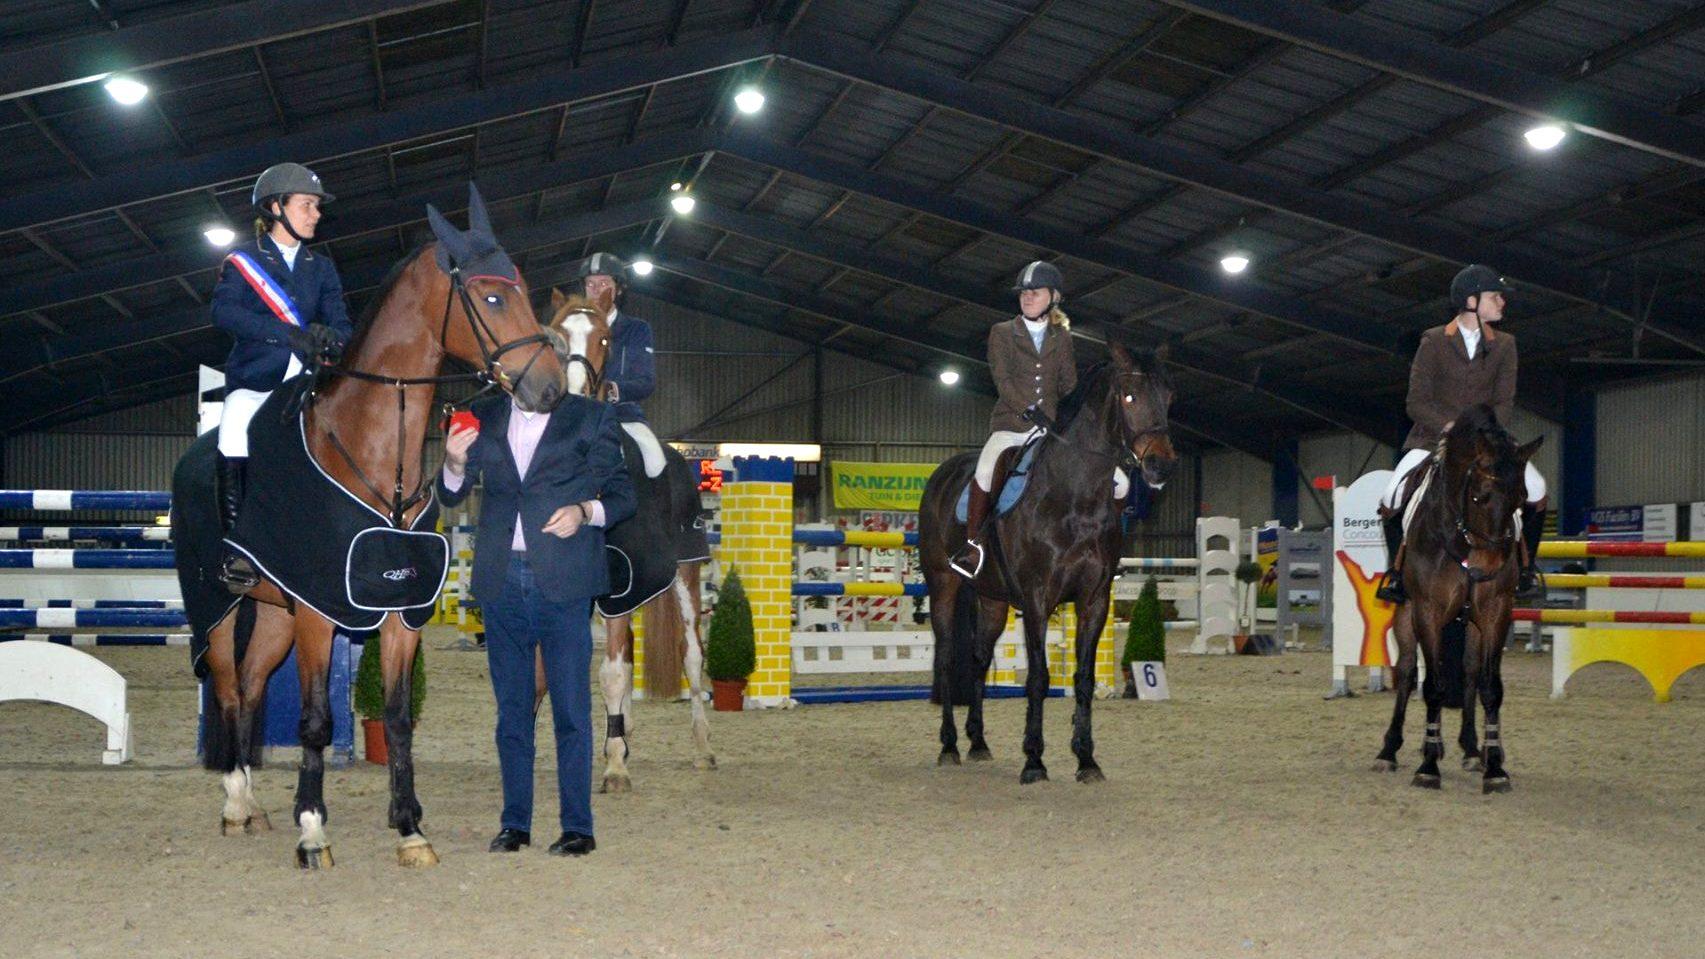 Marriët Hoekstra klasse apart tijdens Friese kampioenschappen springen